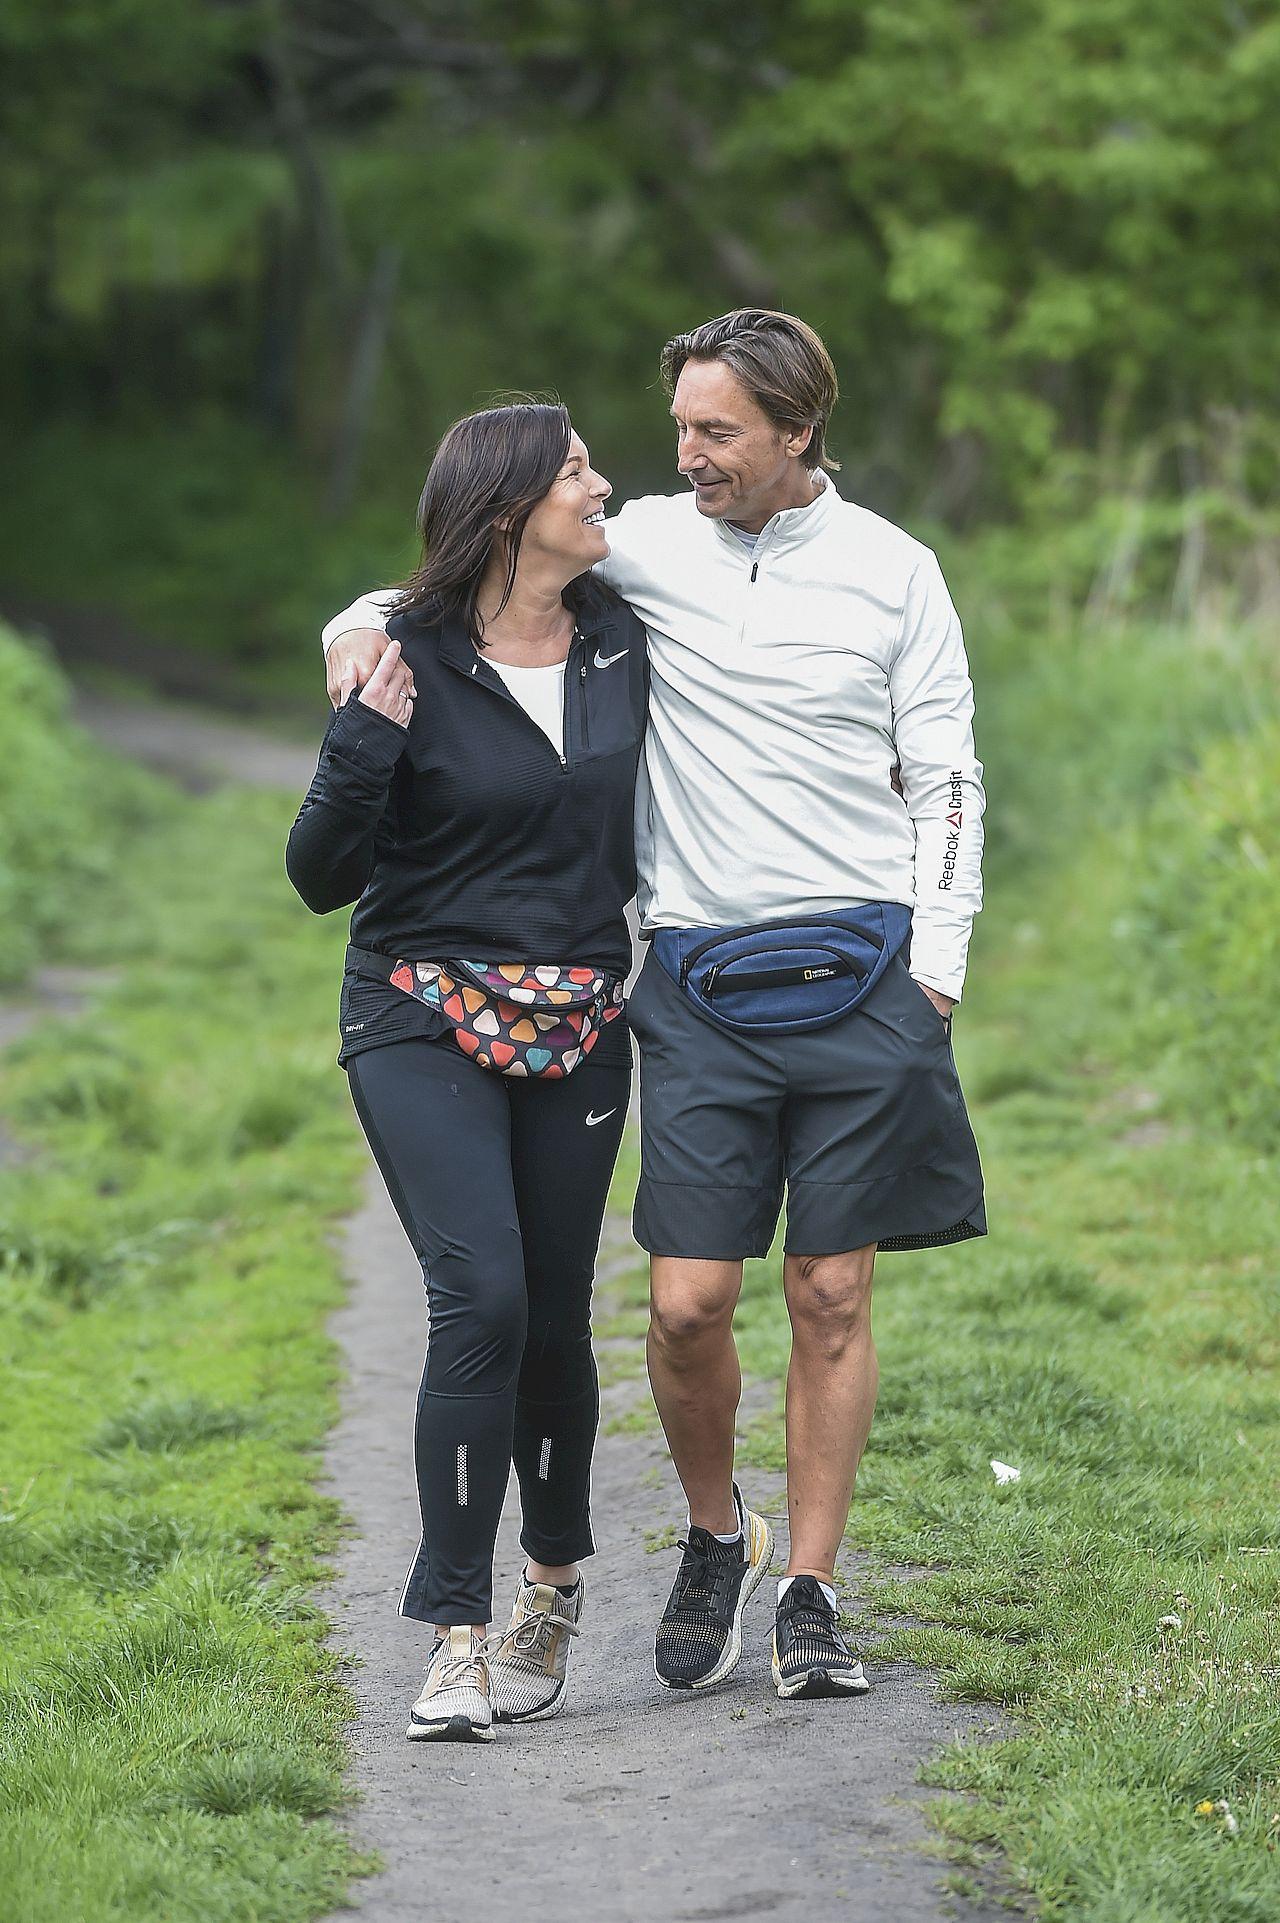 Ilona Felicjańska i Paul Montana obejmują się podczas spaceru